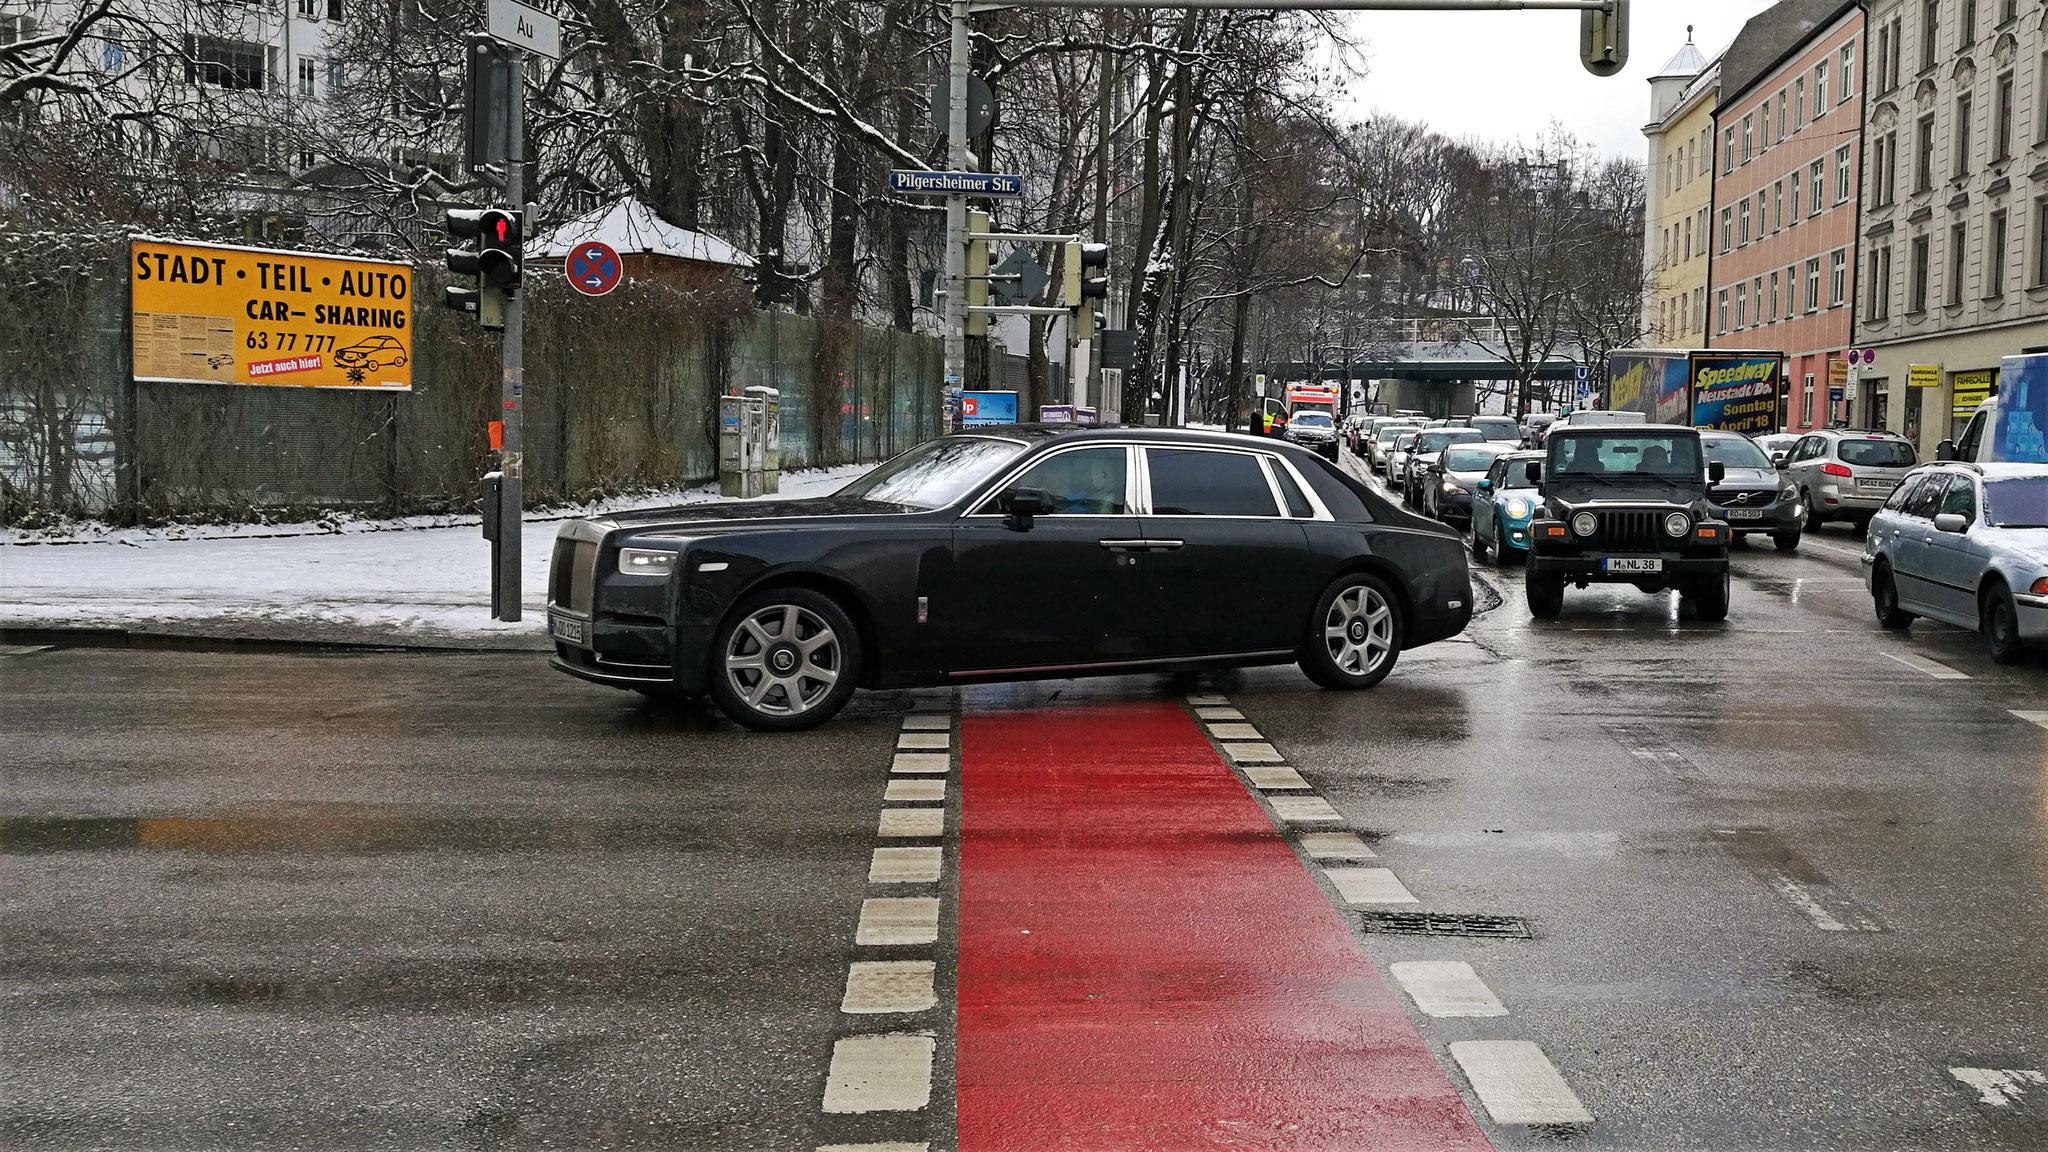 Rolls Royce Phantom EWB - M-QO-1215